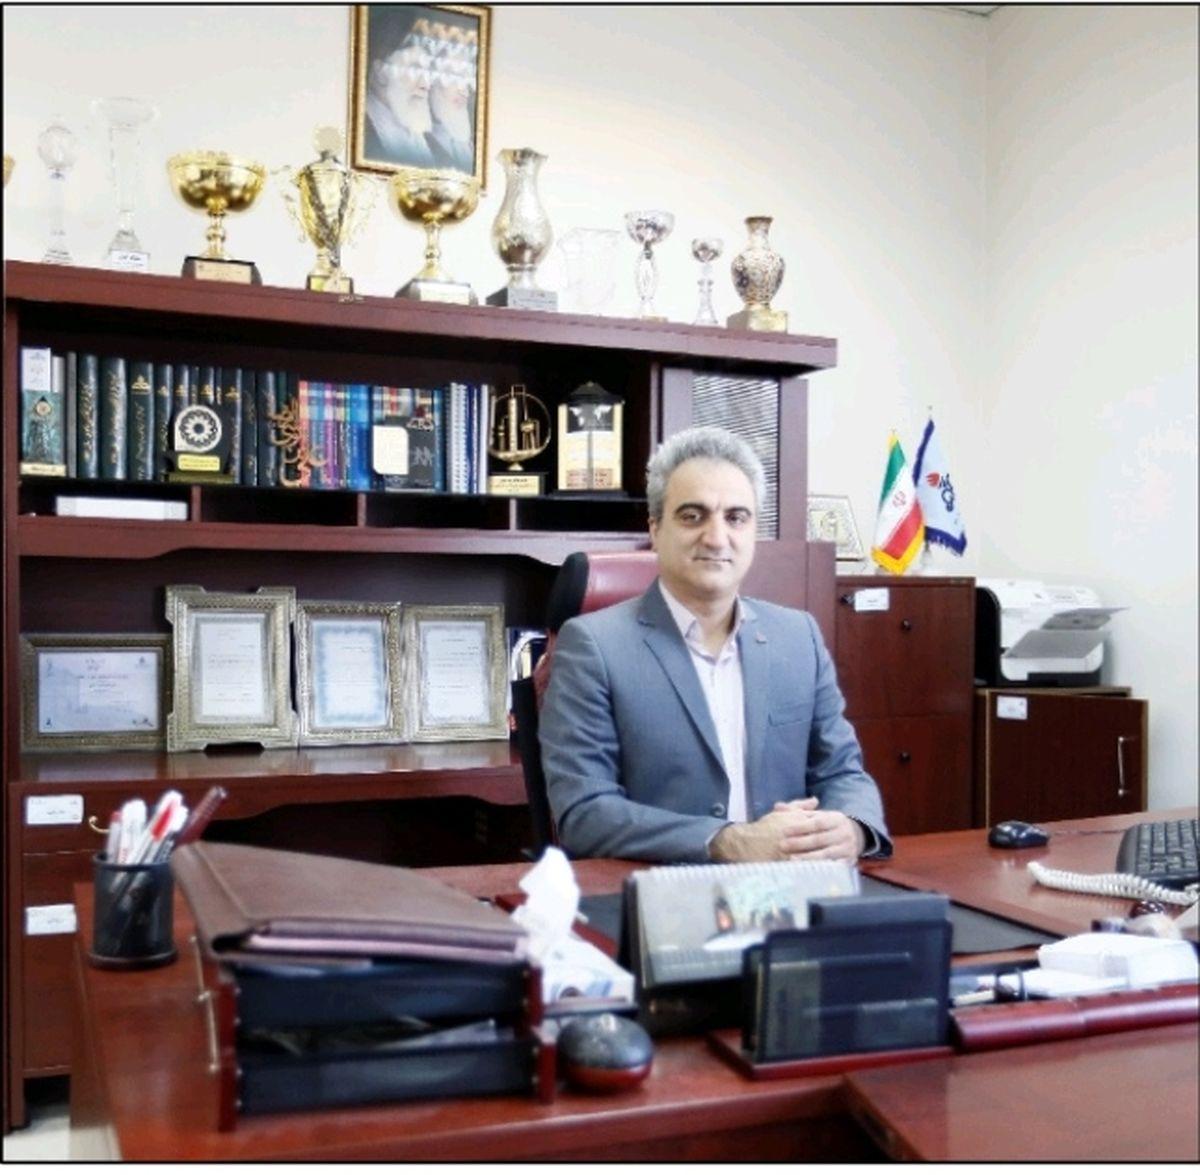 آغاز به کار اولین نمایشگاه مجازی کتاب شرکت پالایش نفت تهران